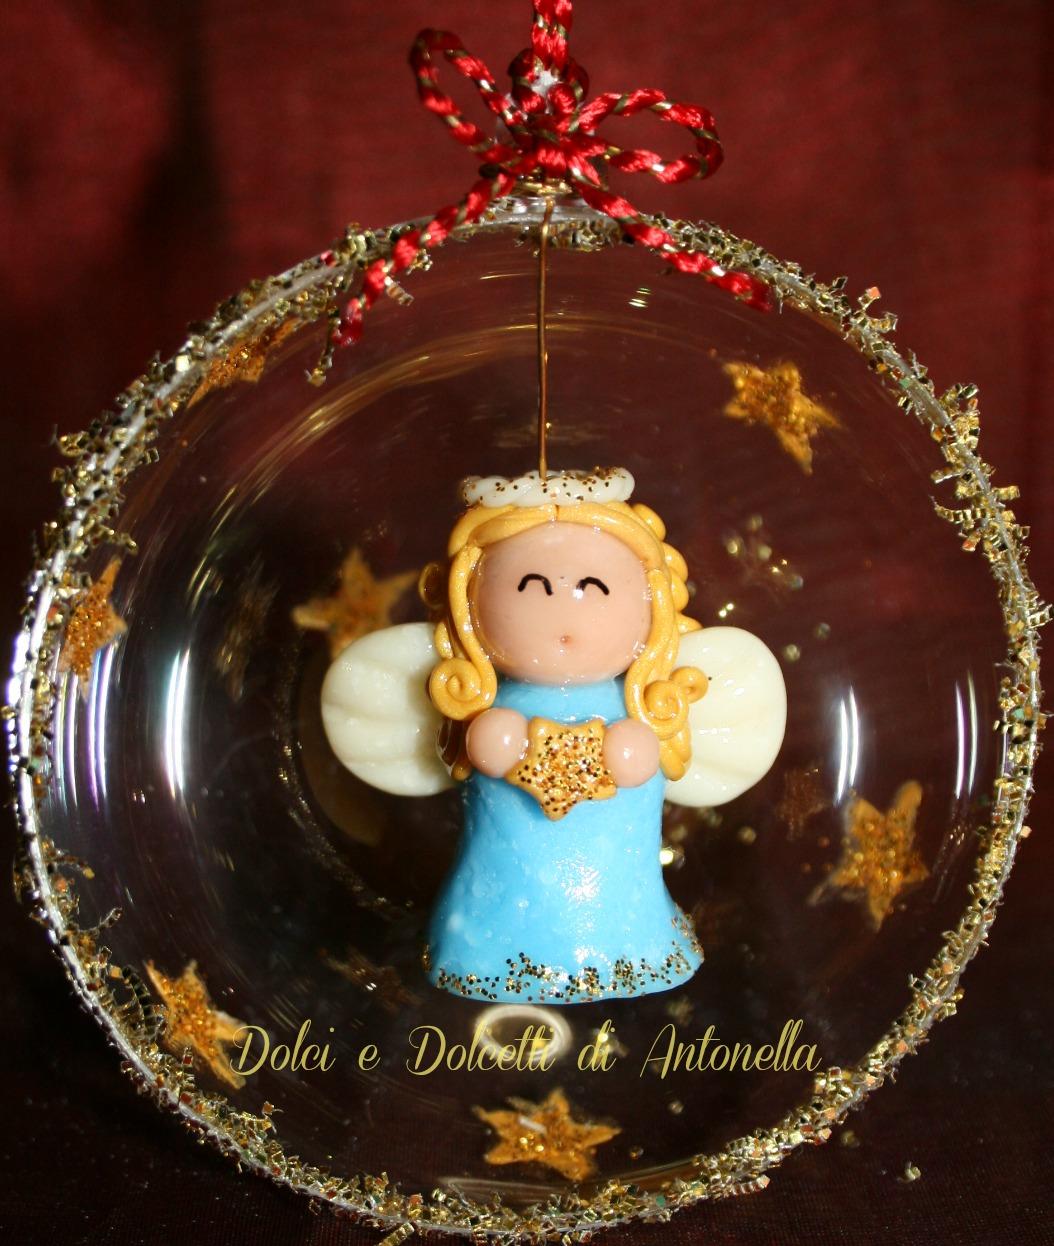 Decorazioni natalizie dolci e dolcetti di antonella - Decorazioni natalizie per dolci ...